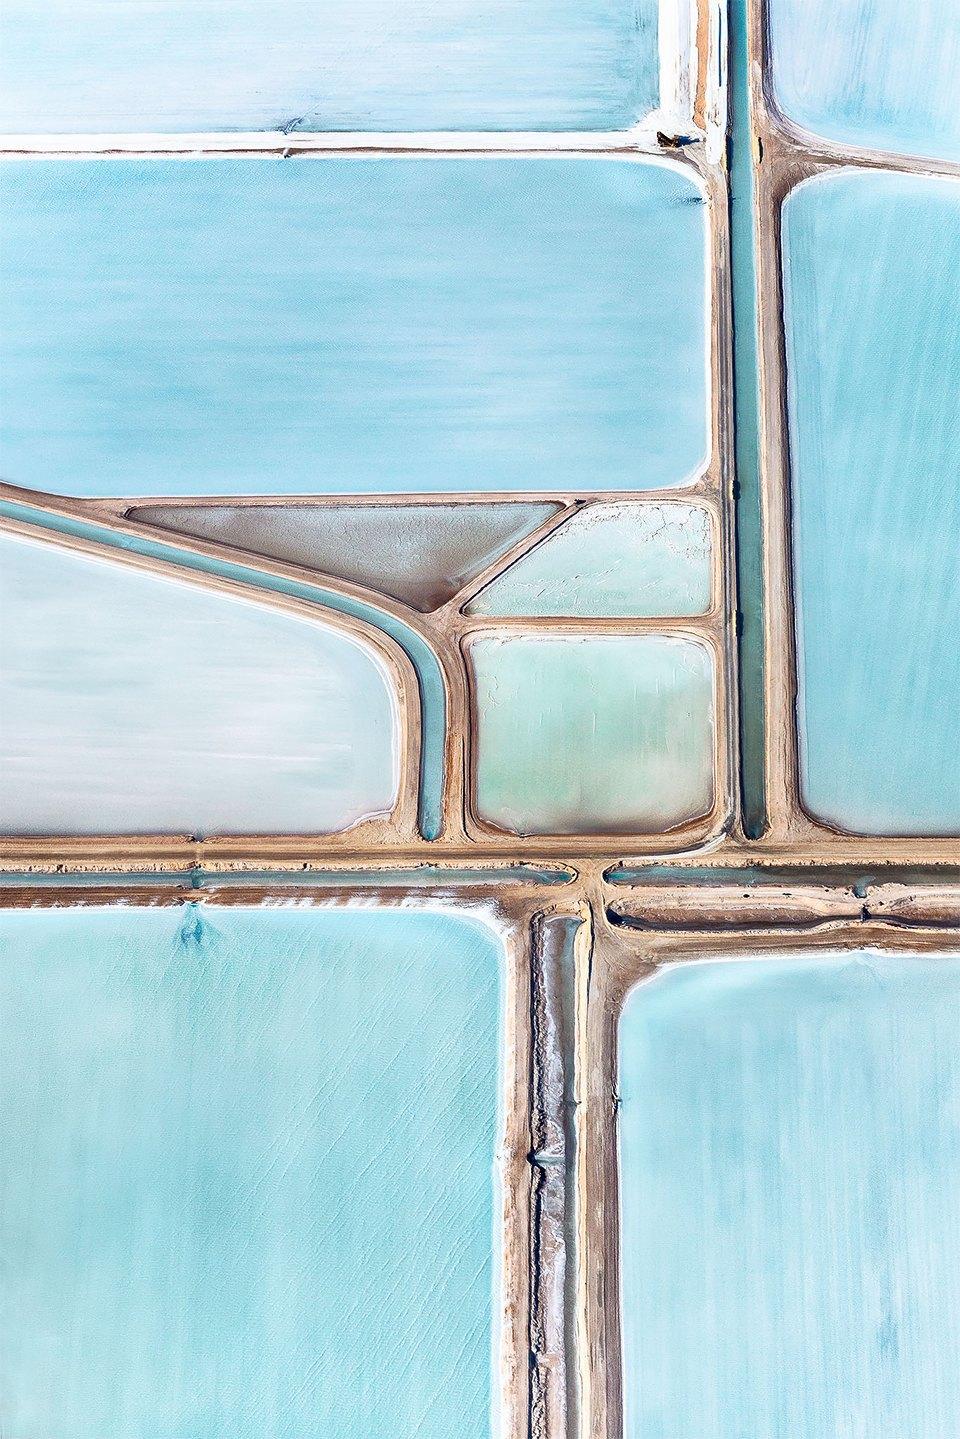 Фотографии, которые меняют наше представление  о пейзажах. Изображение № 6.